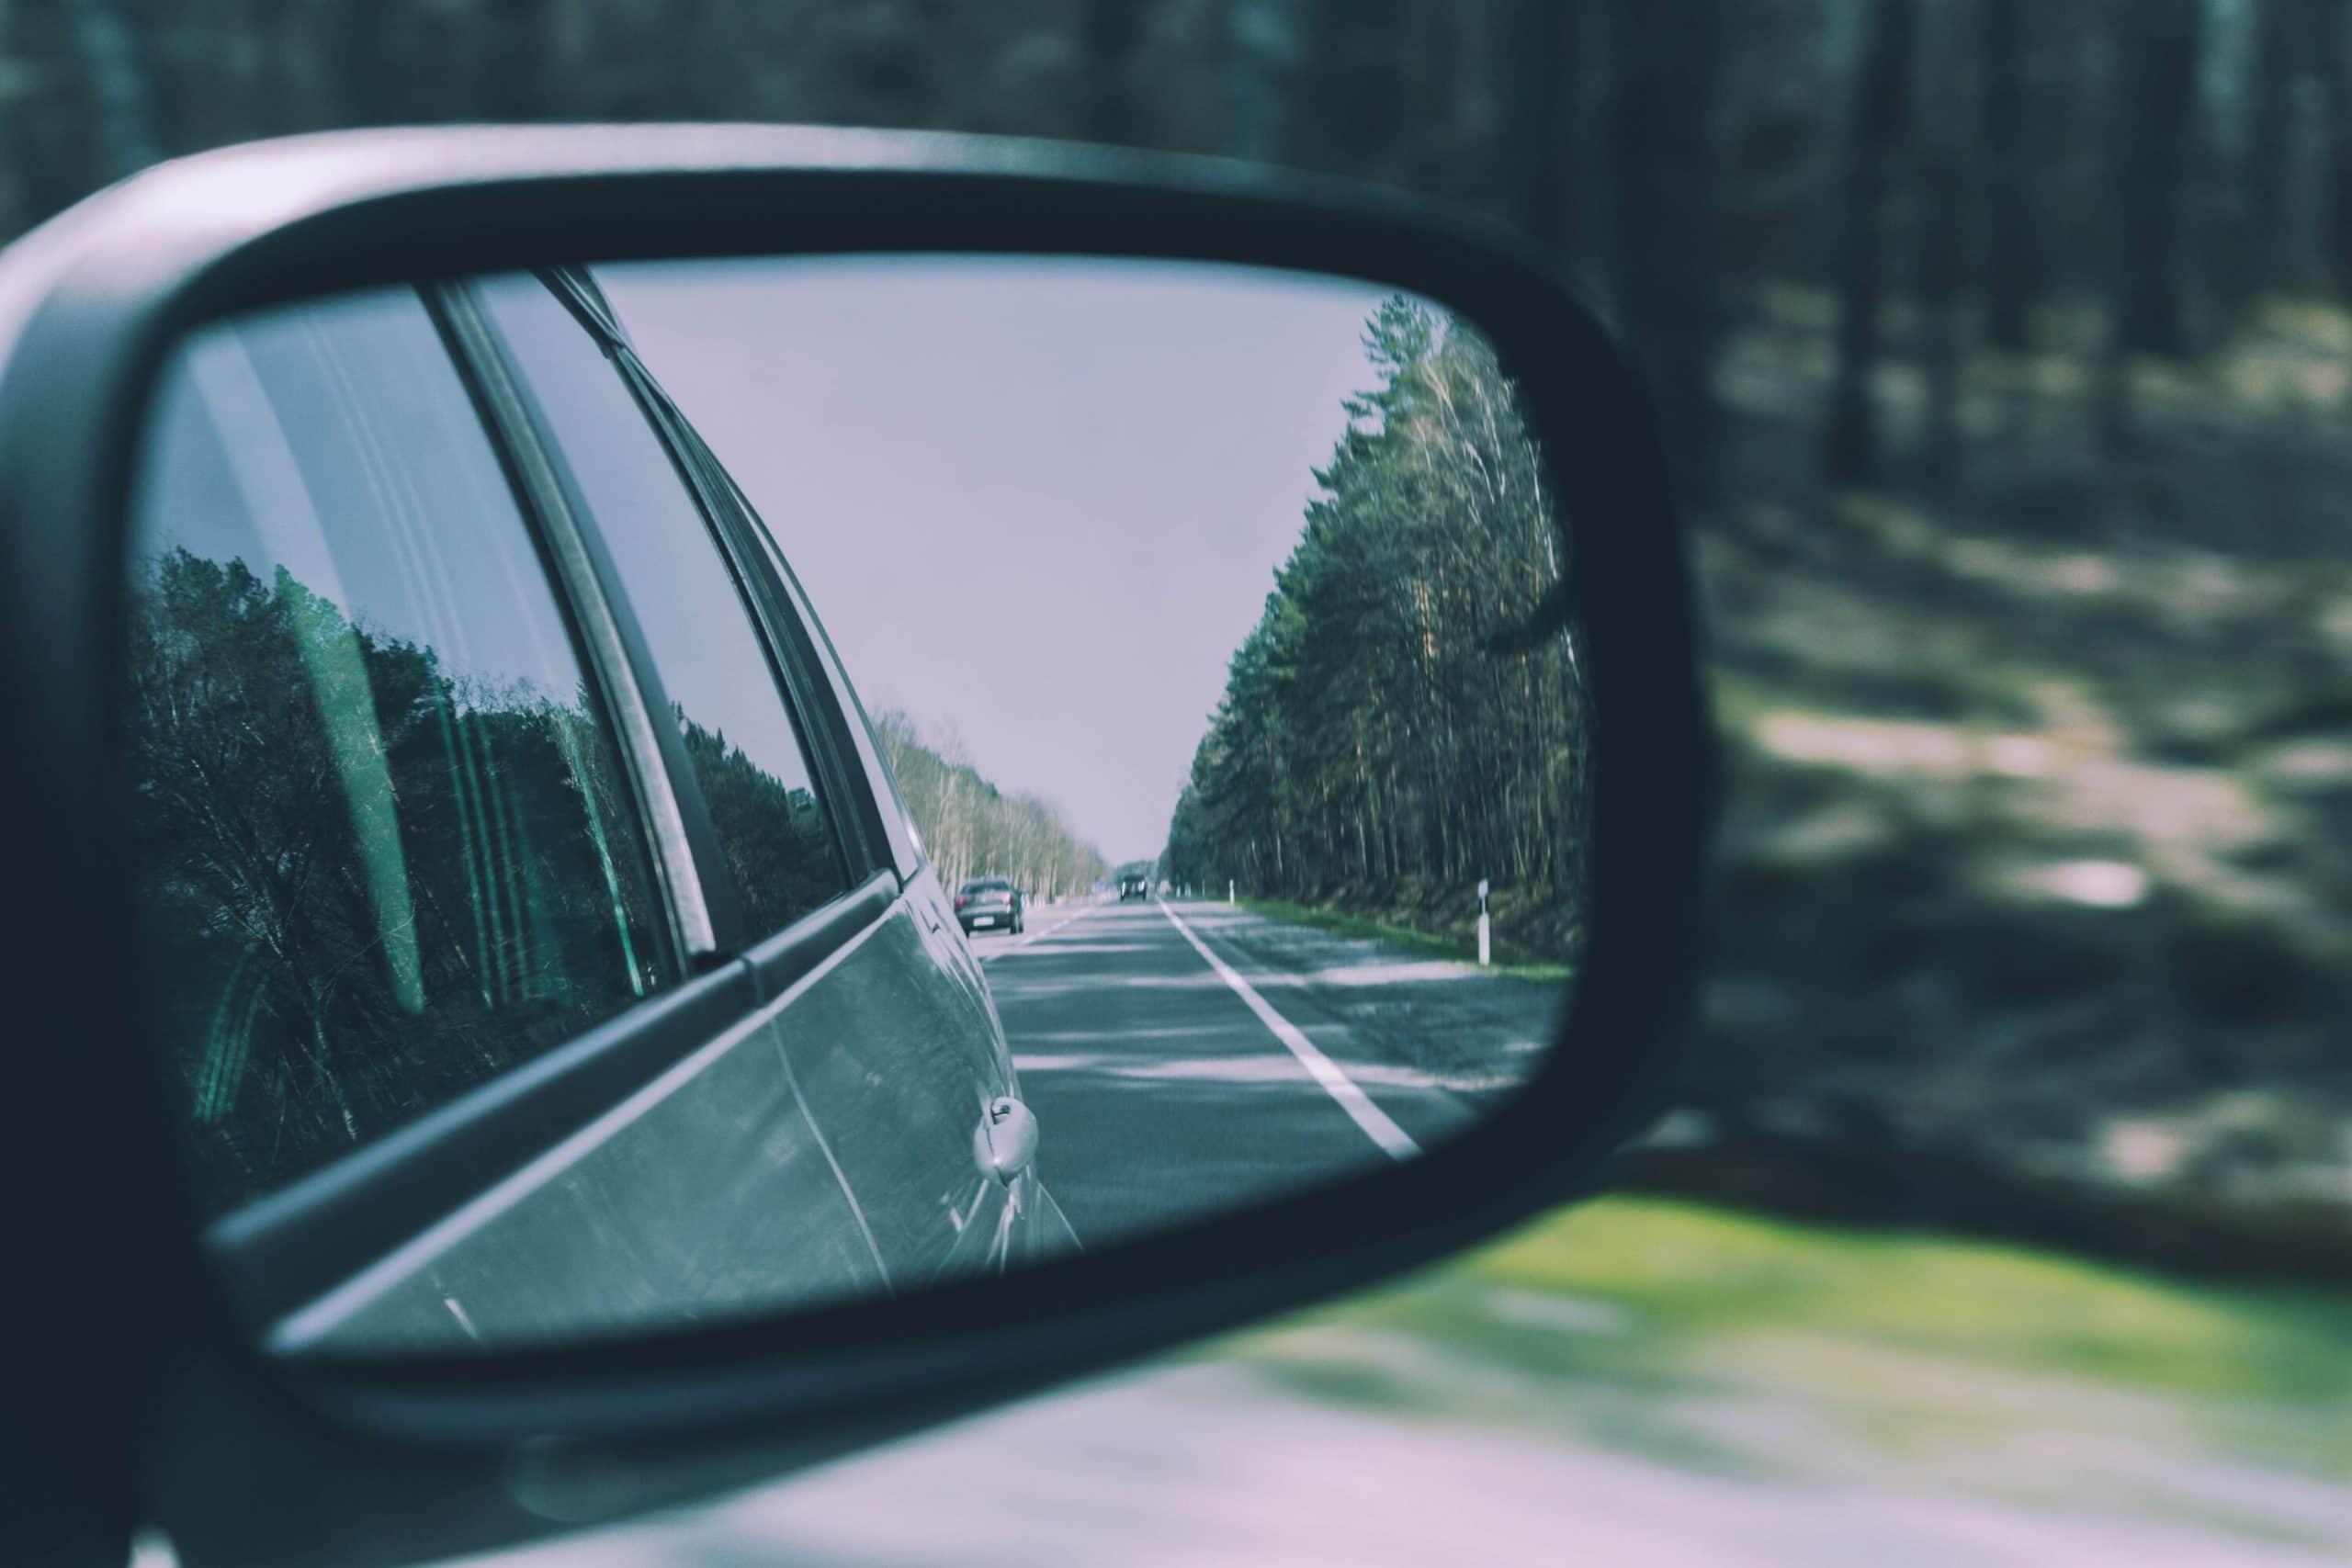 Rodovia vista através do retrovisor lateral de um carro